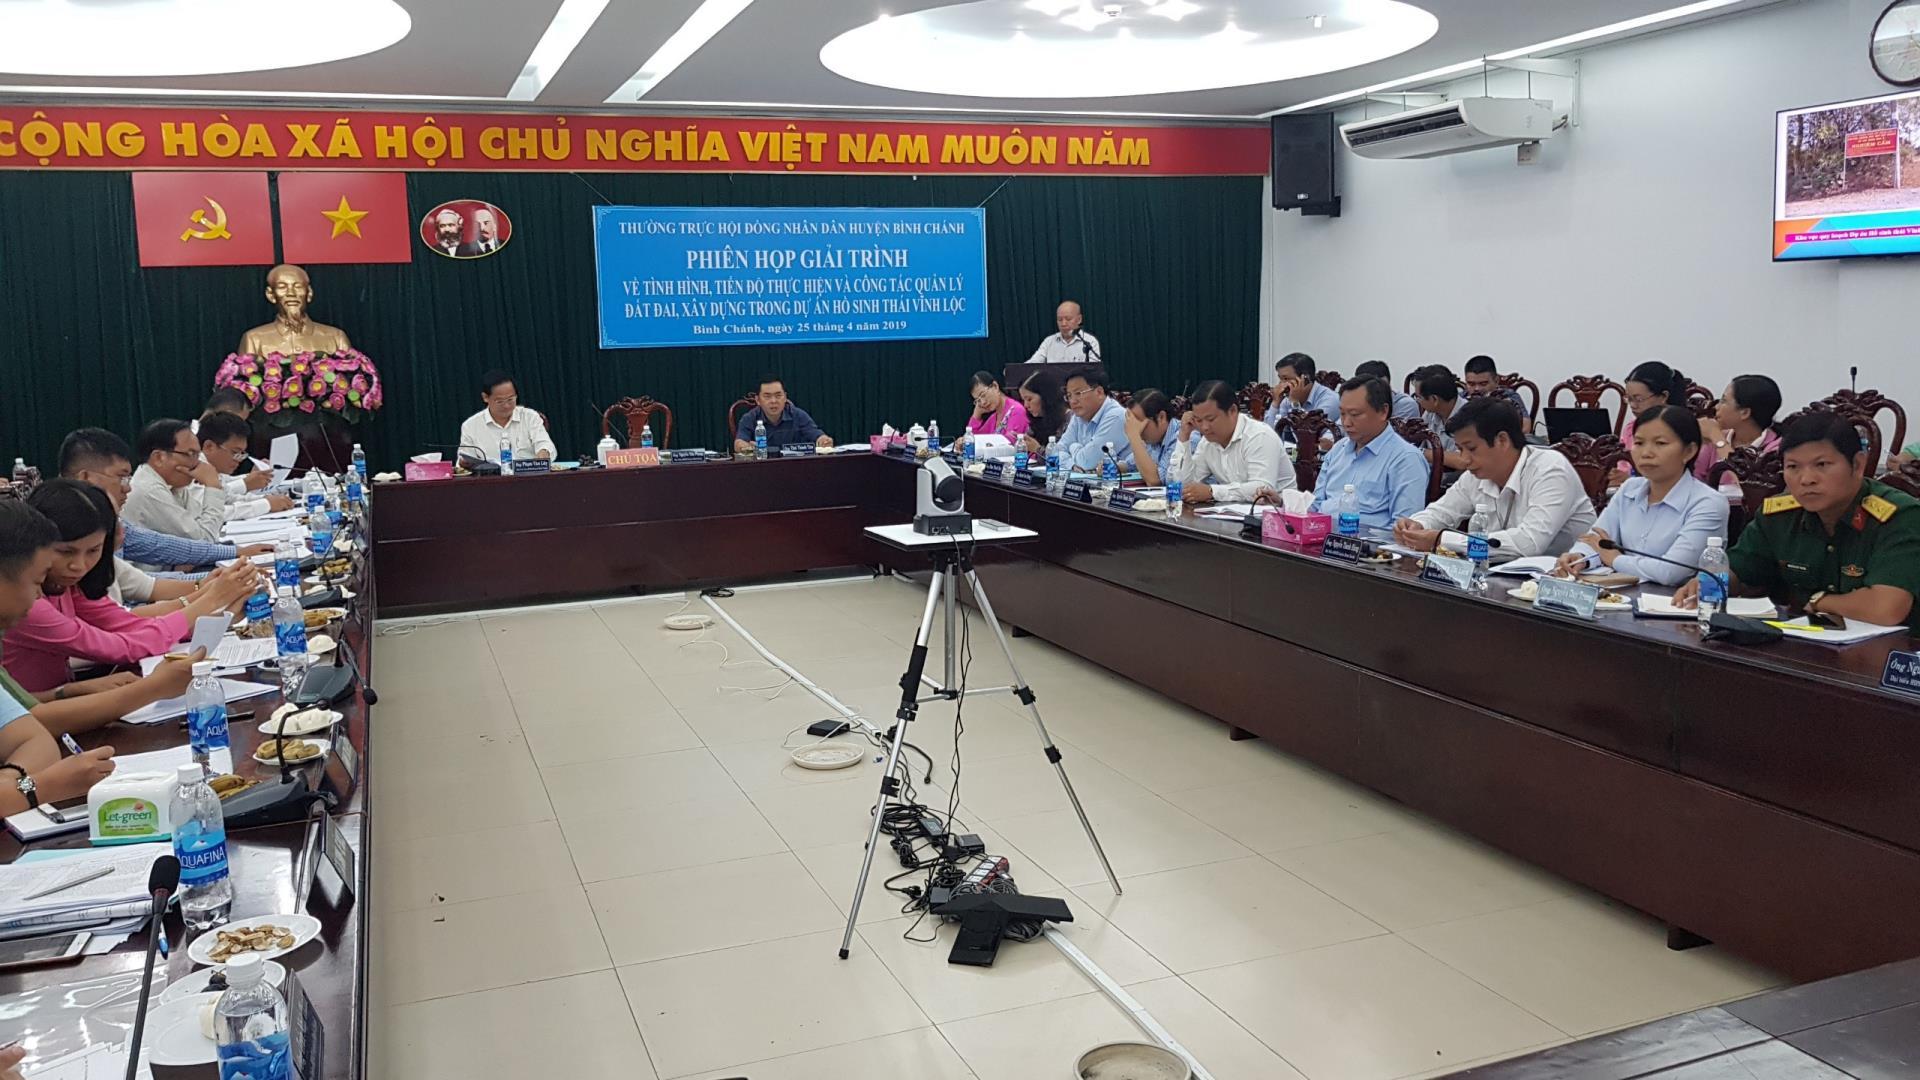 Tin tức dự án hồ sinh thái Vĩnh Lộc| baobimangghep.com